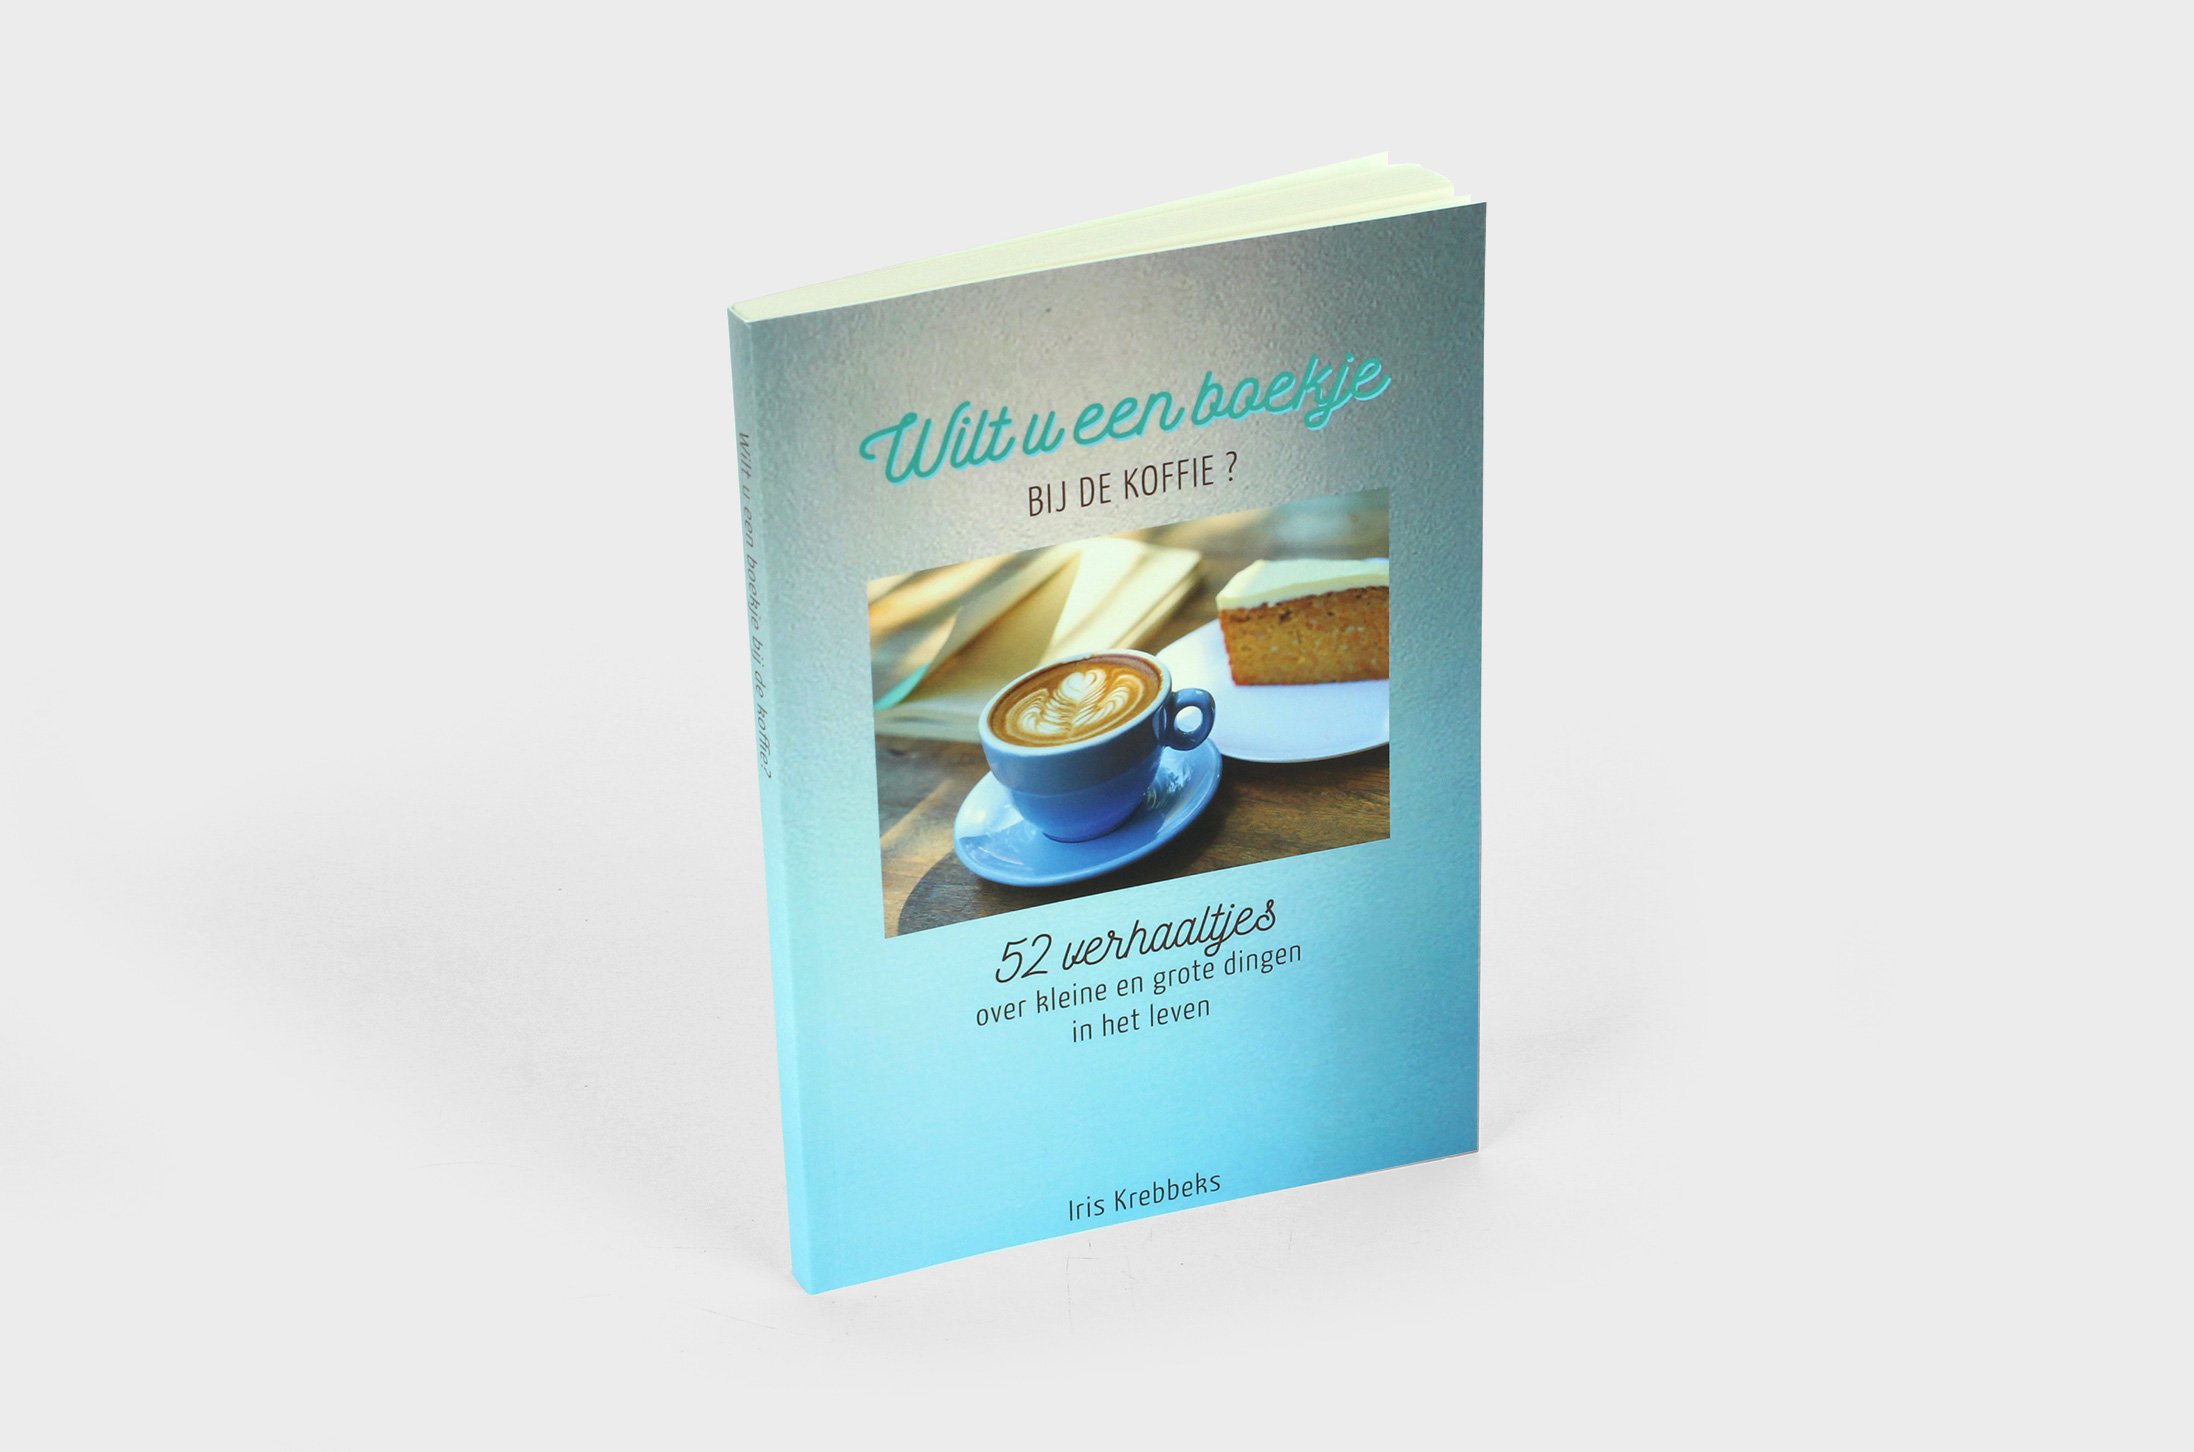 Wilt u een boekje bij de koffie?